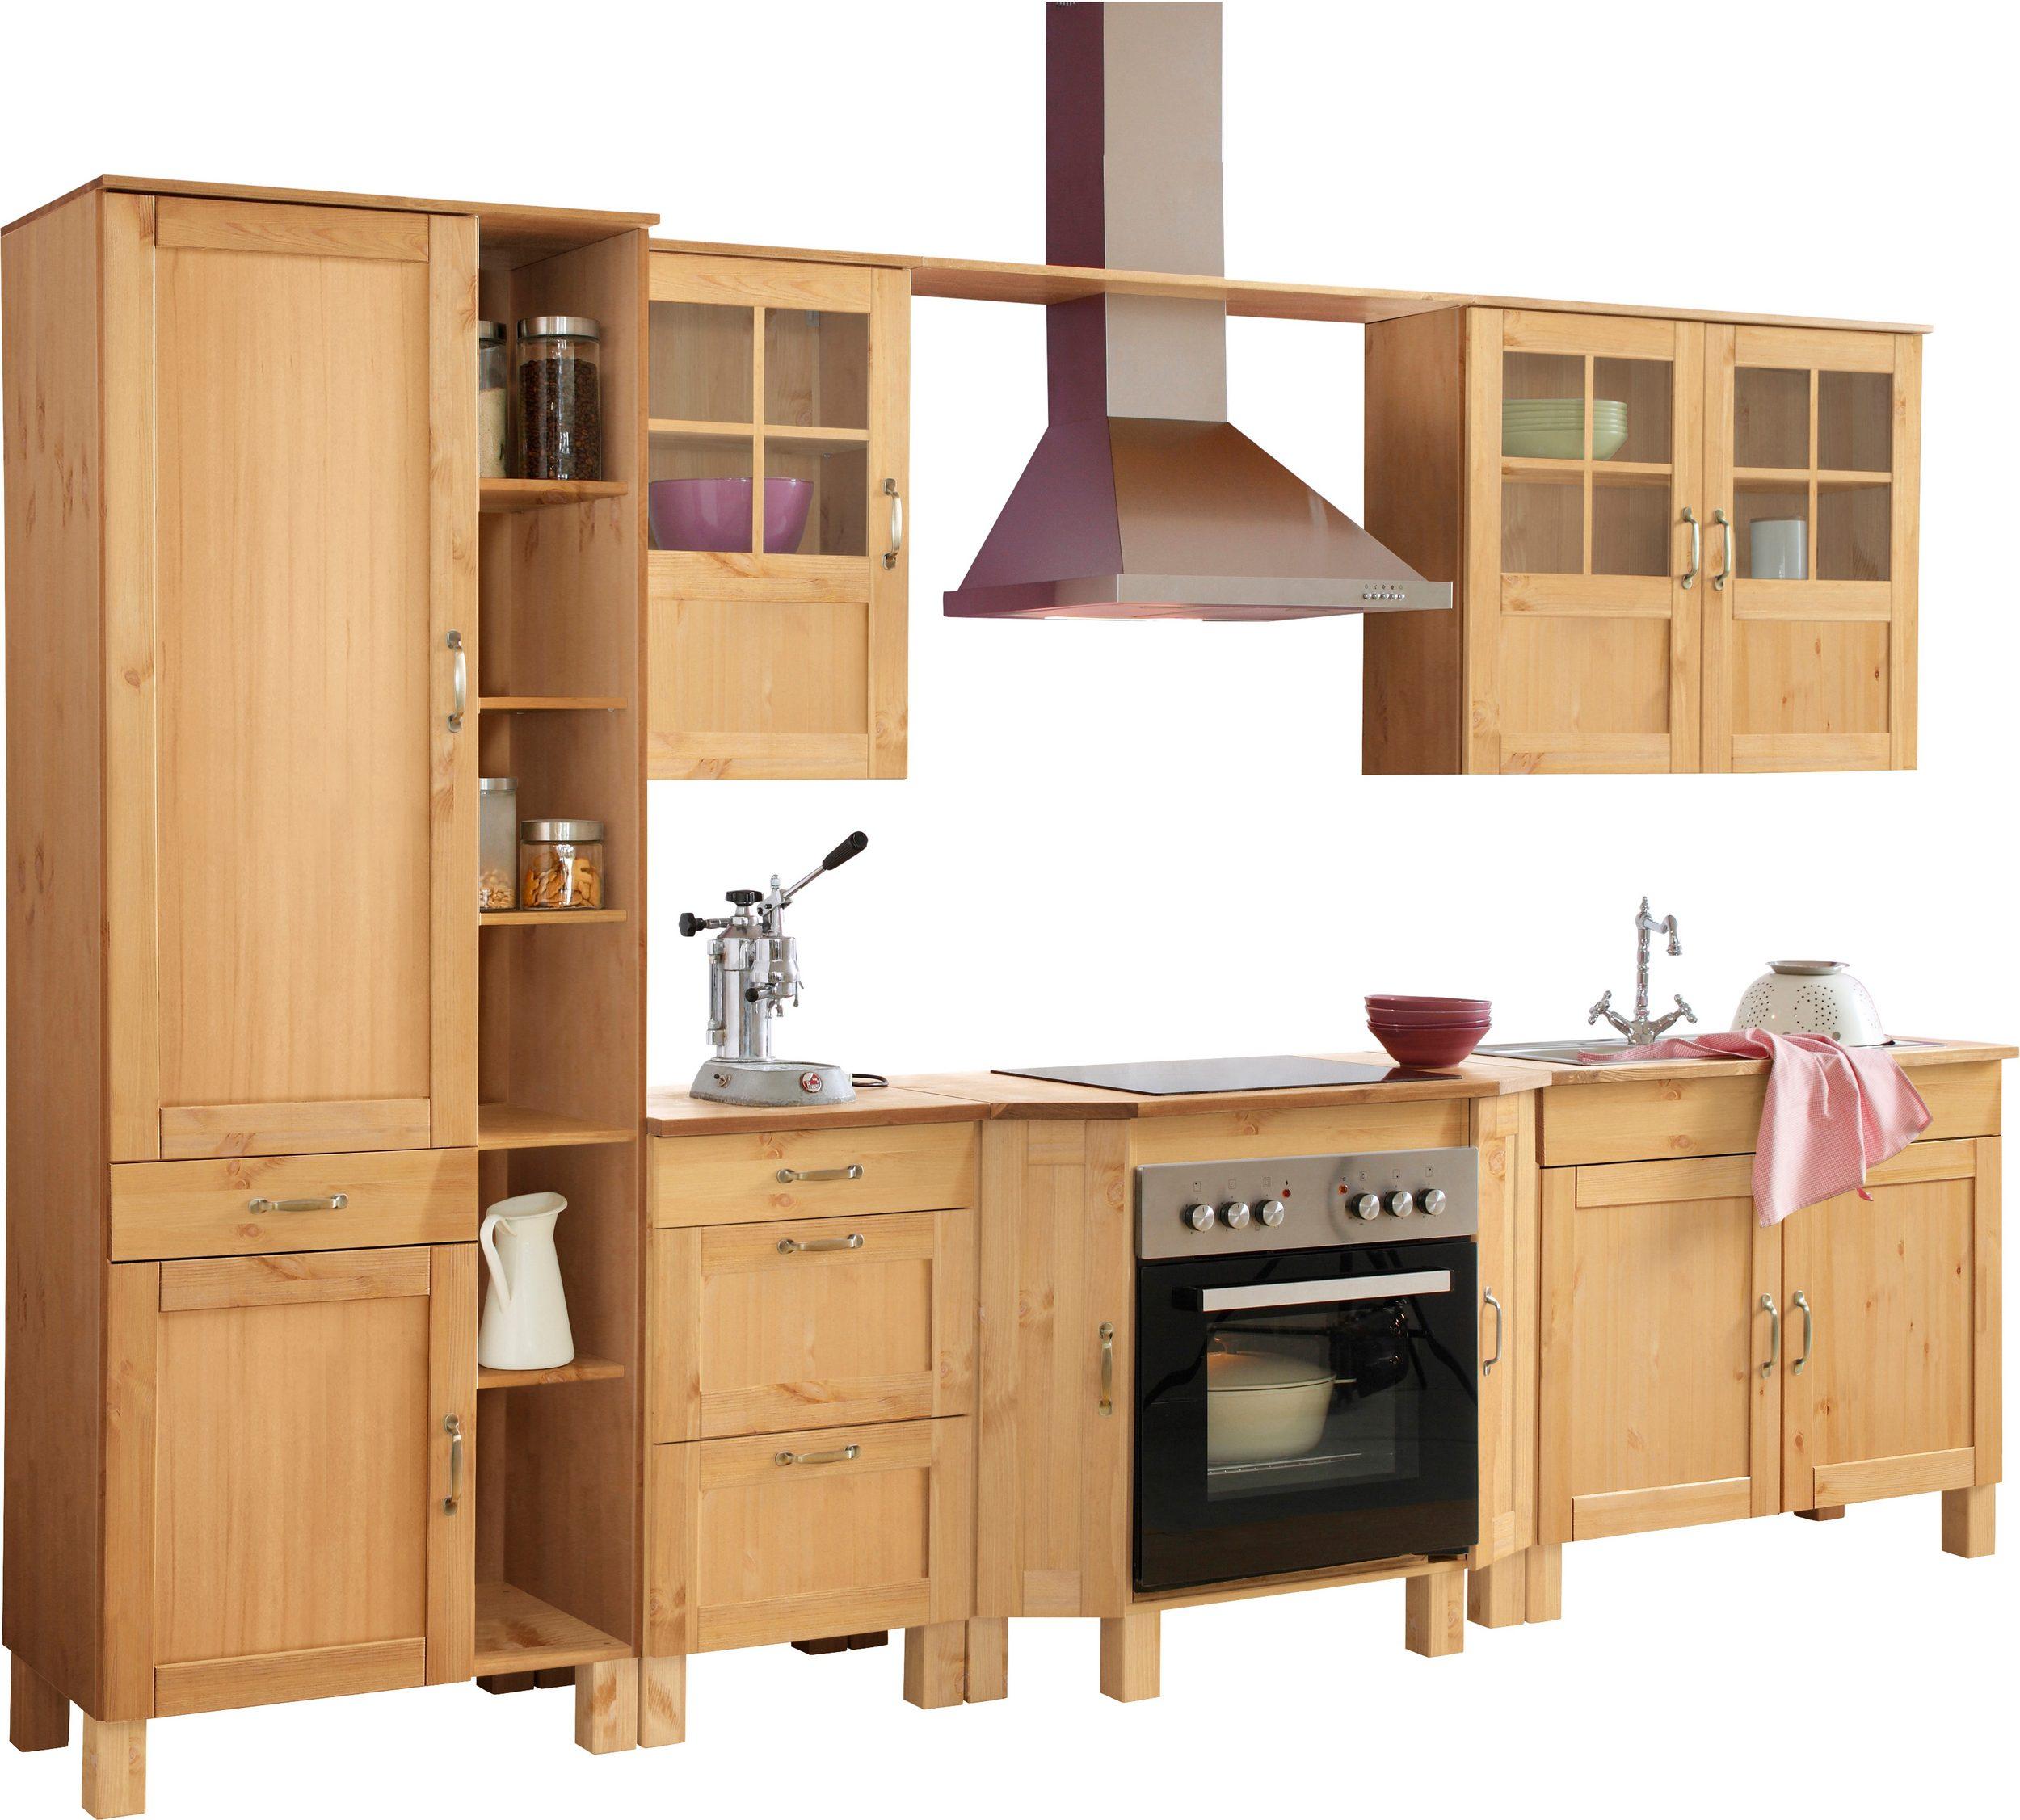 57079994 Home Affaire Küchen-Set Kitchen Cabinets HELD khmer in phnom penh cambodia